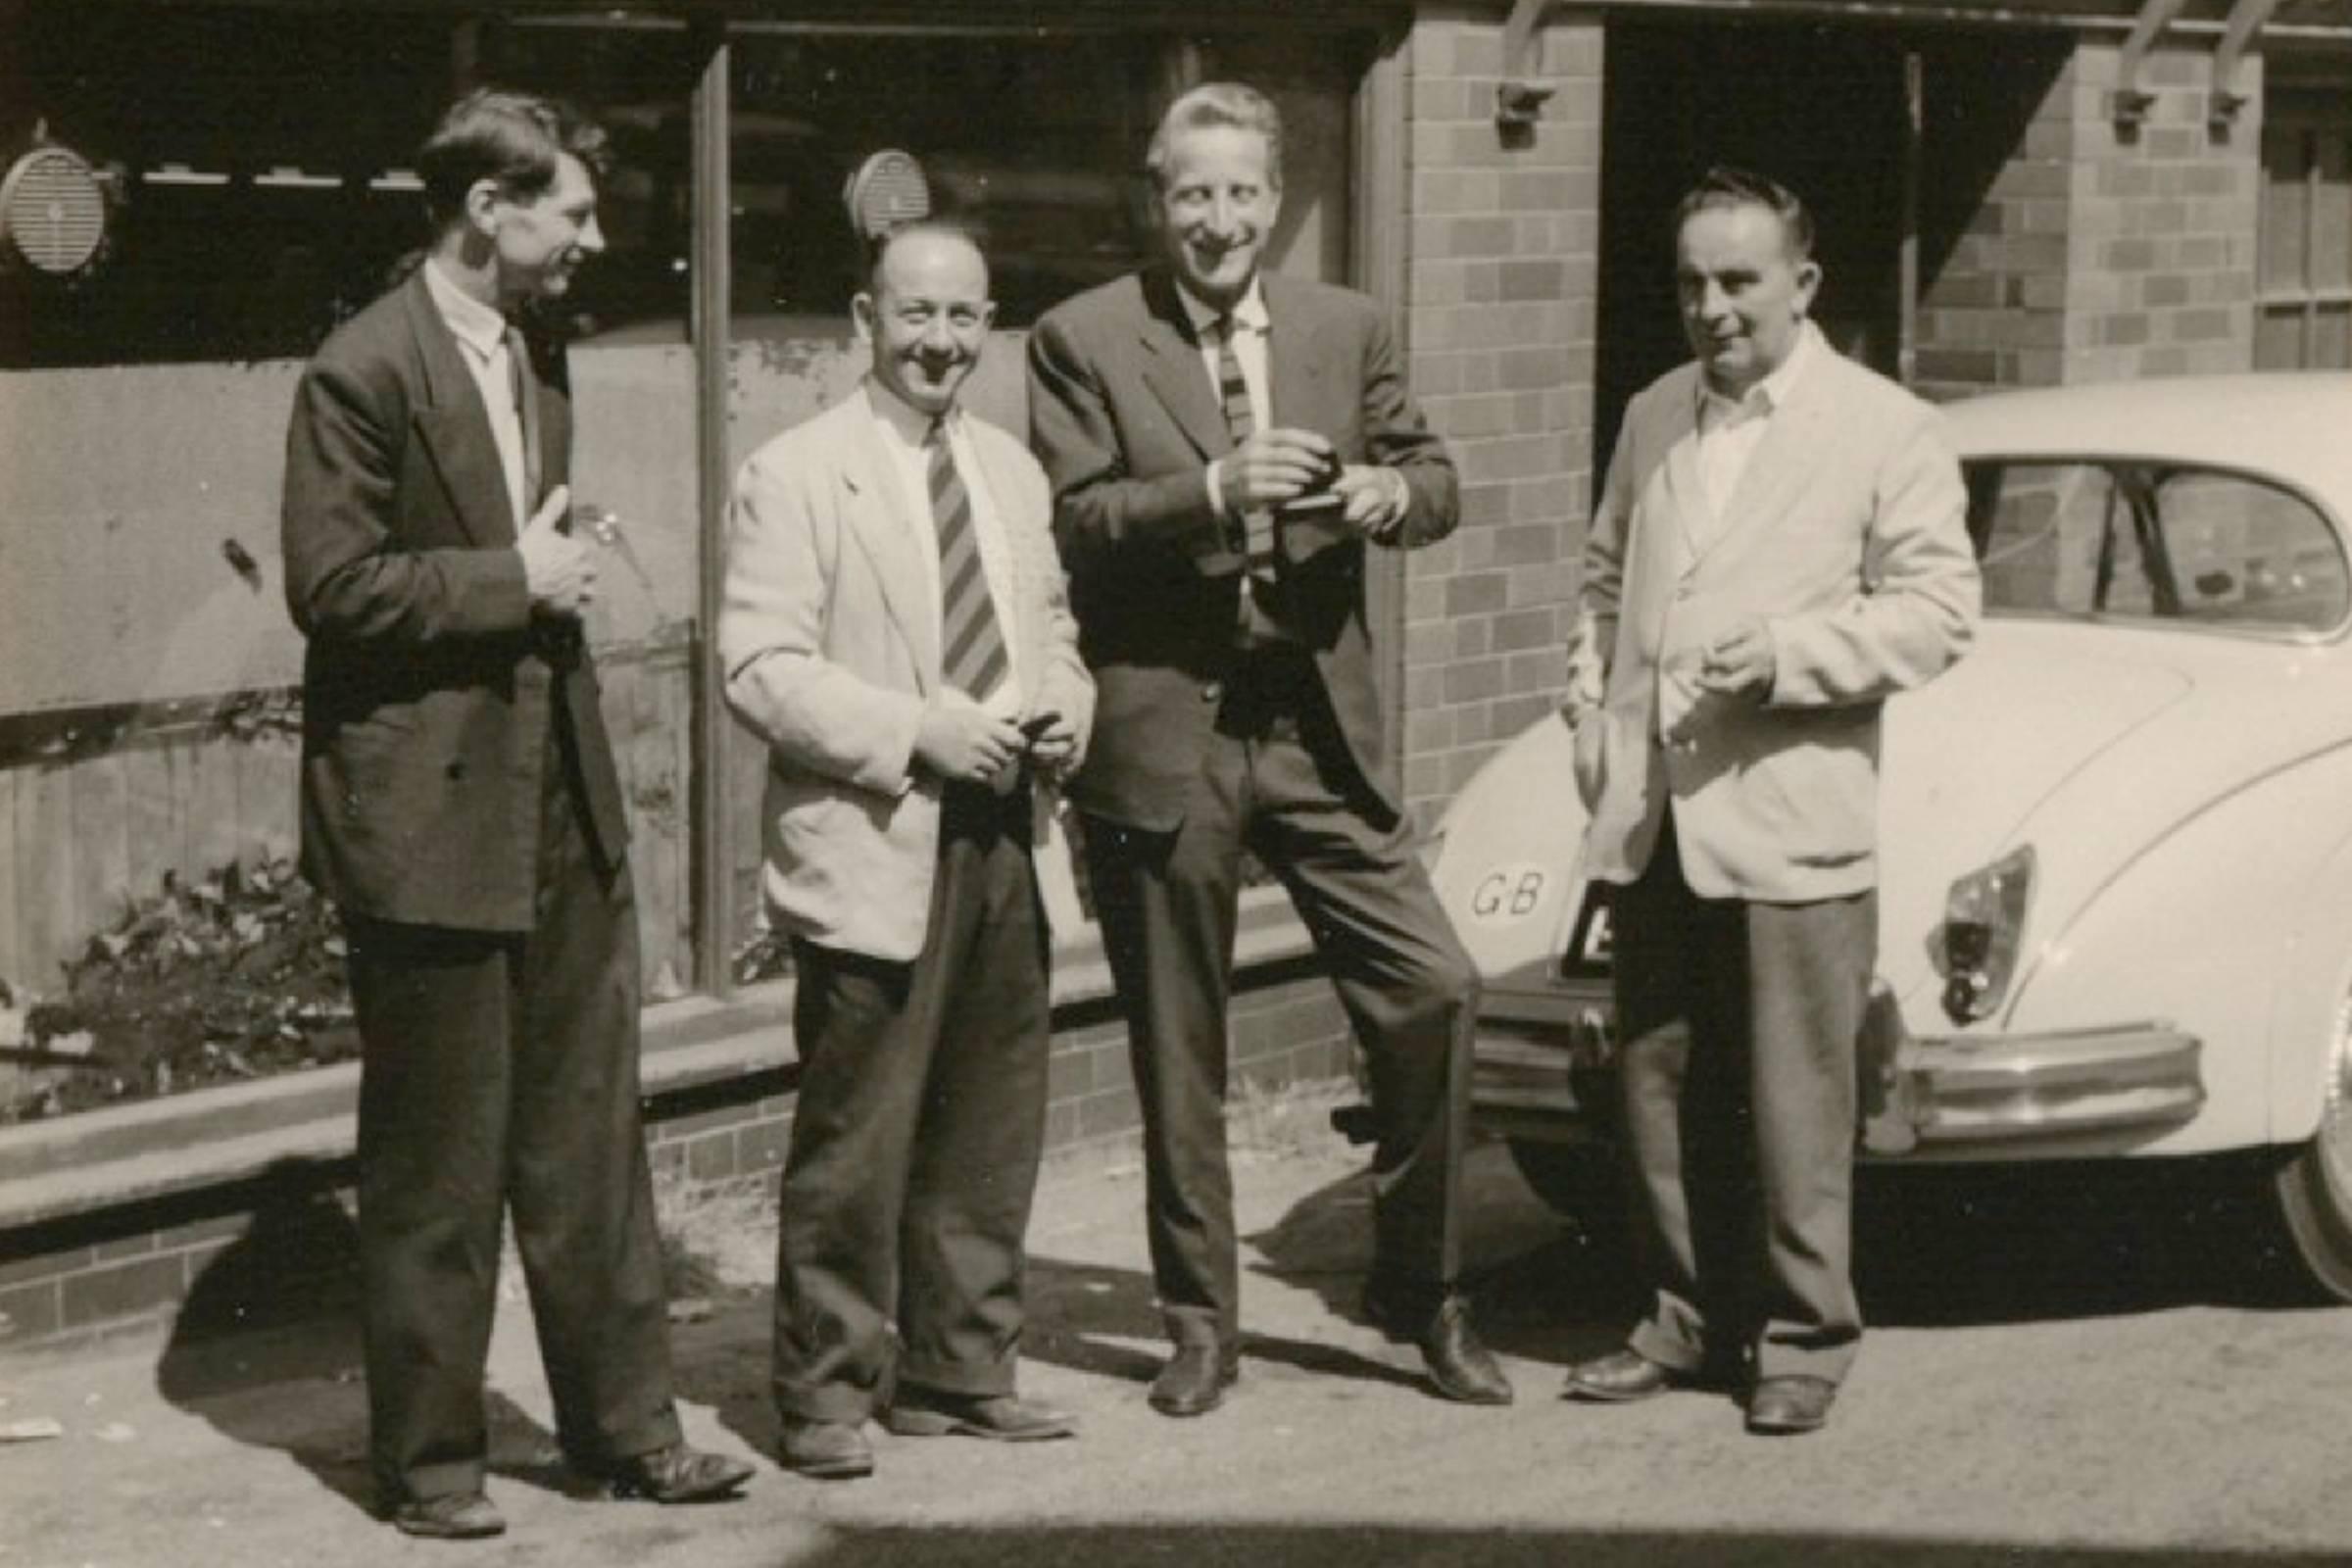 Доктор Клаус Мертенс (второй справа) рядом с R. Griggs & Co. LTD.